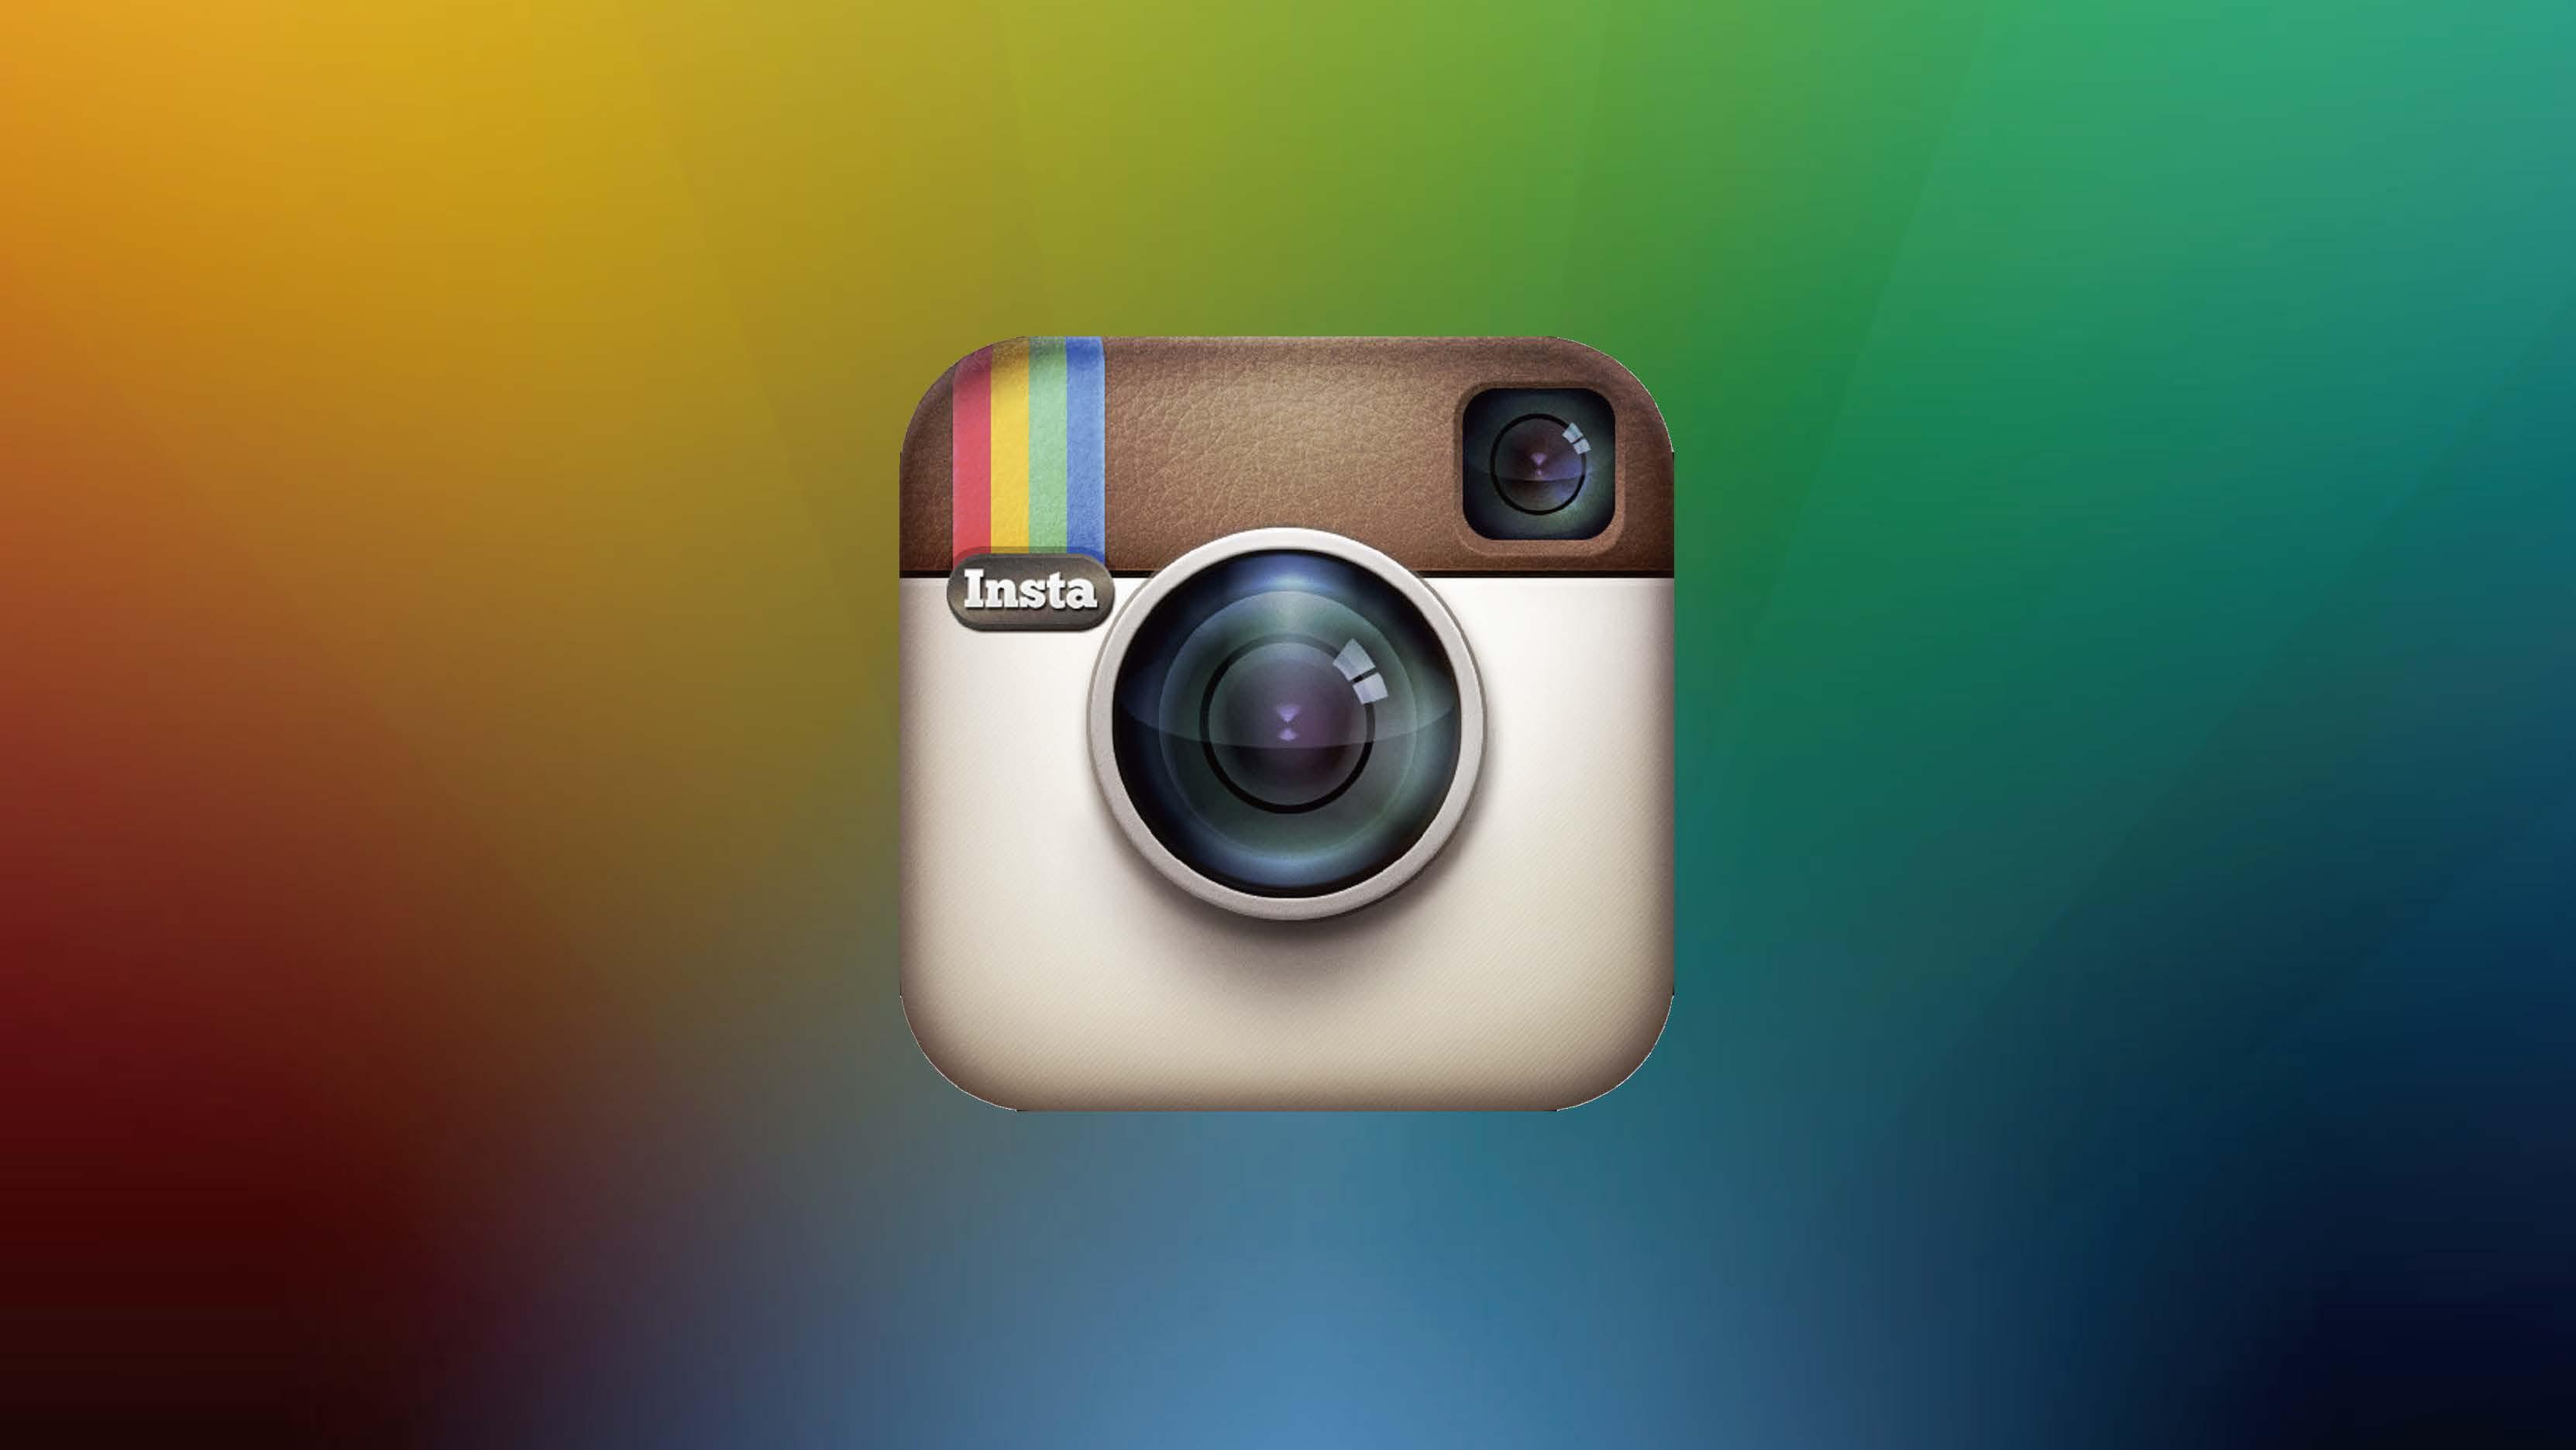 Instagram 從照片到影音